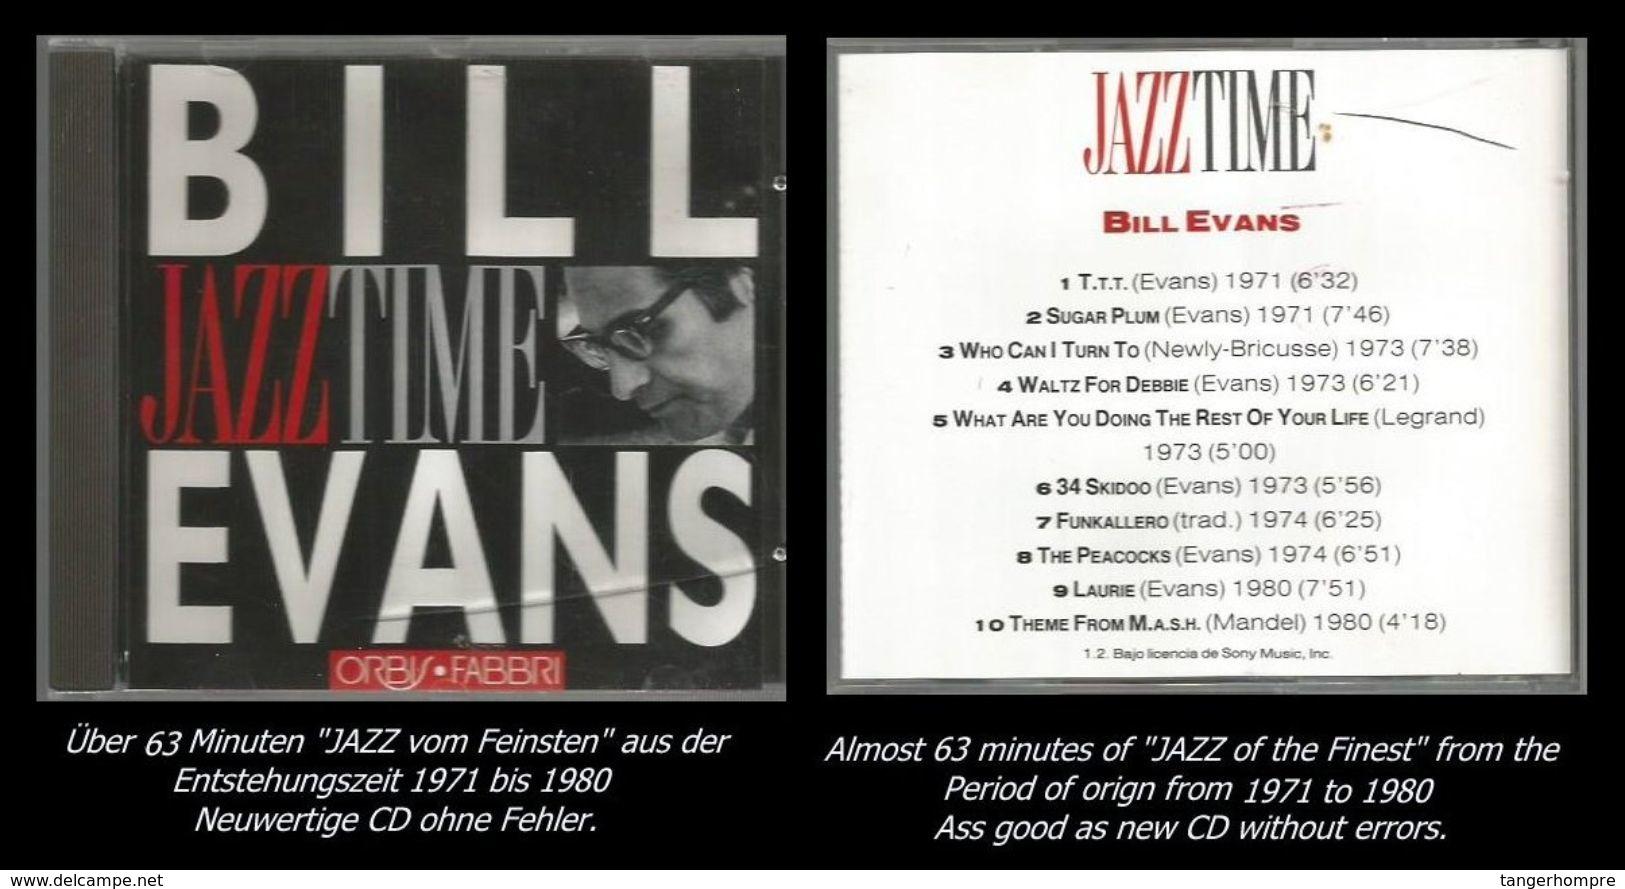 63 Minuten Jazz Von Bill Evans - Jazz Of Finest - From 1971 To 1980 - Jazz